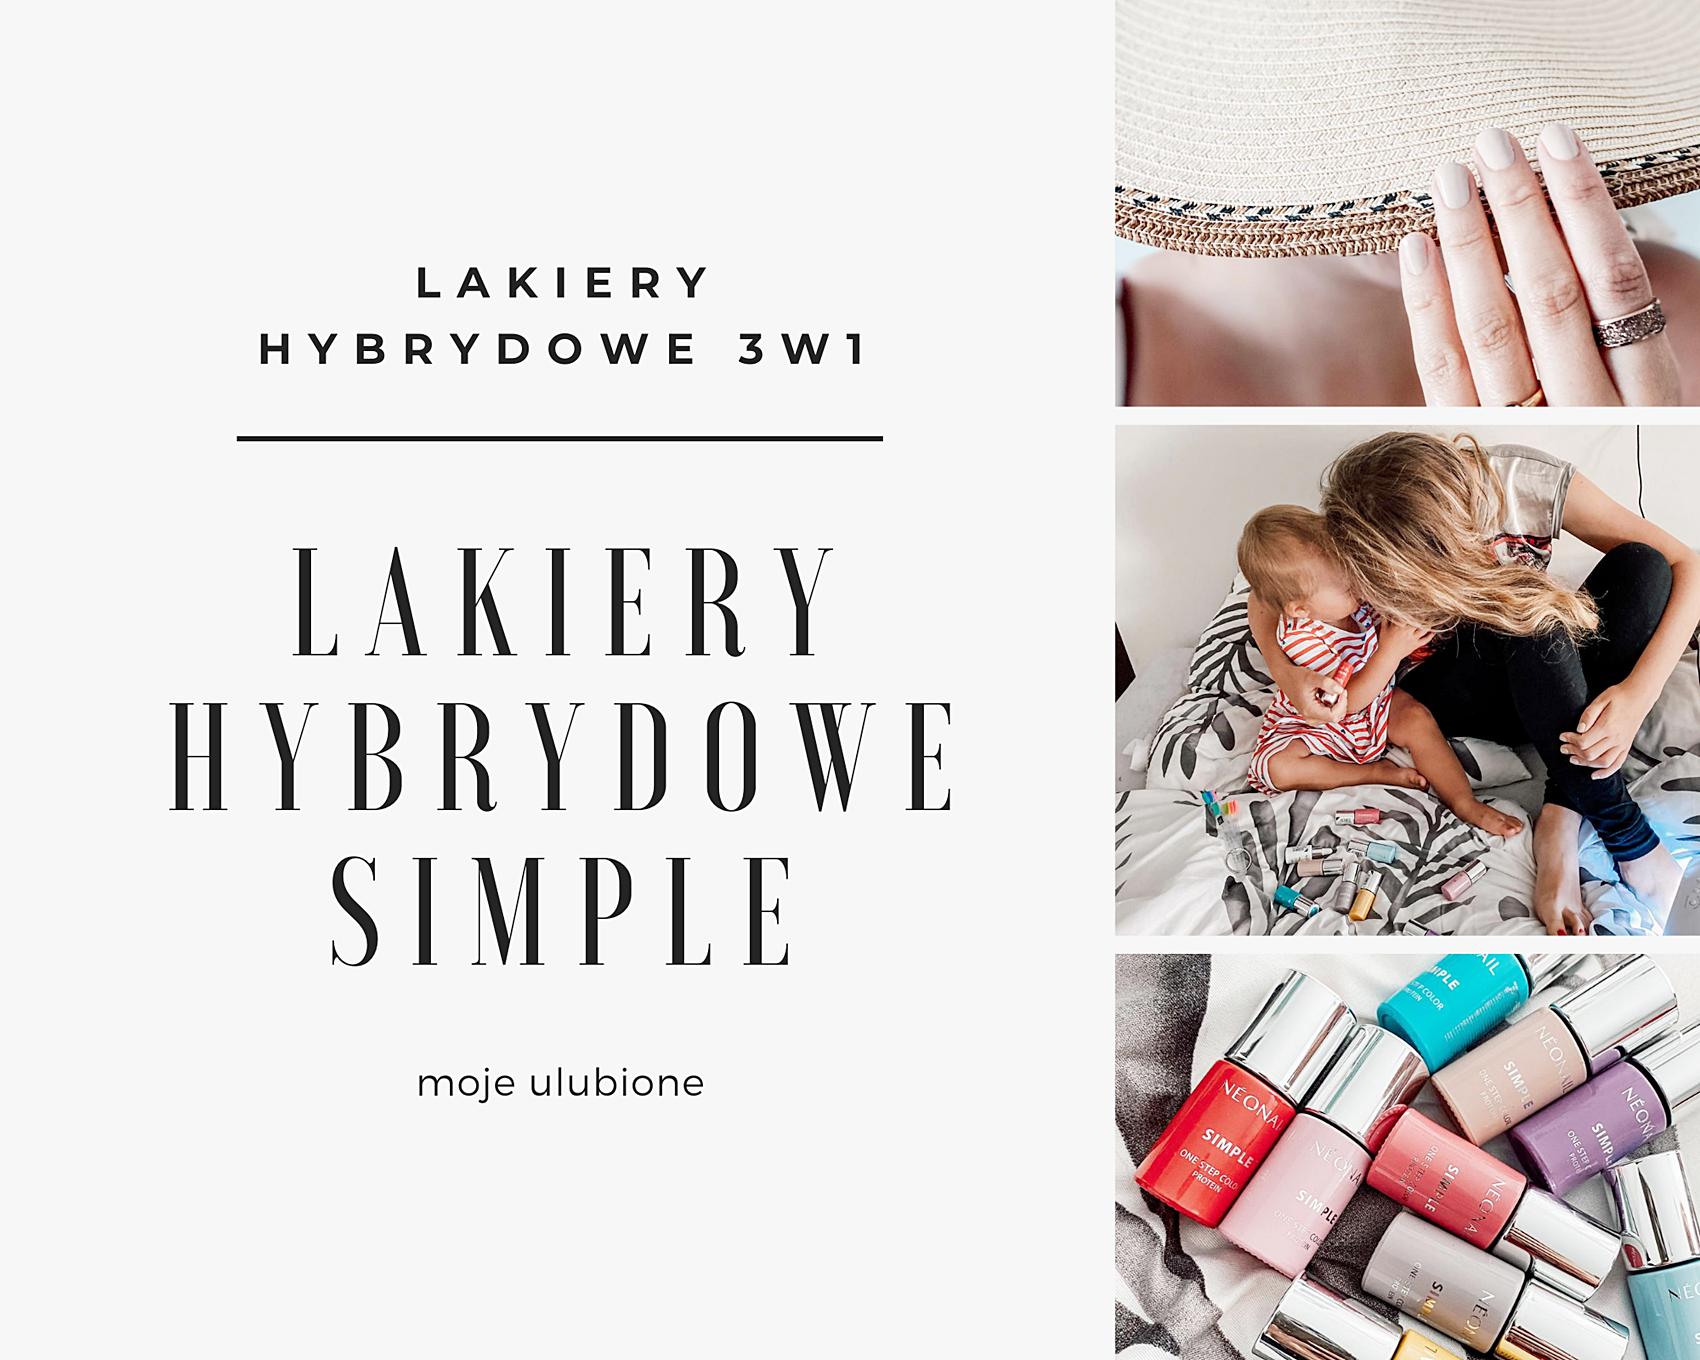 lakiery hybrydowe simple